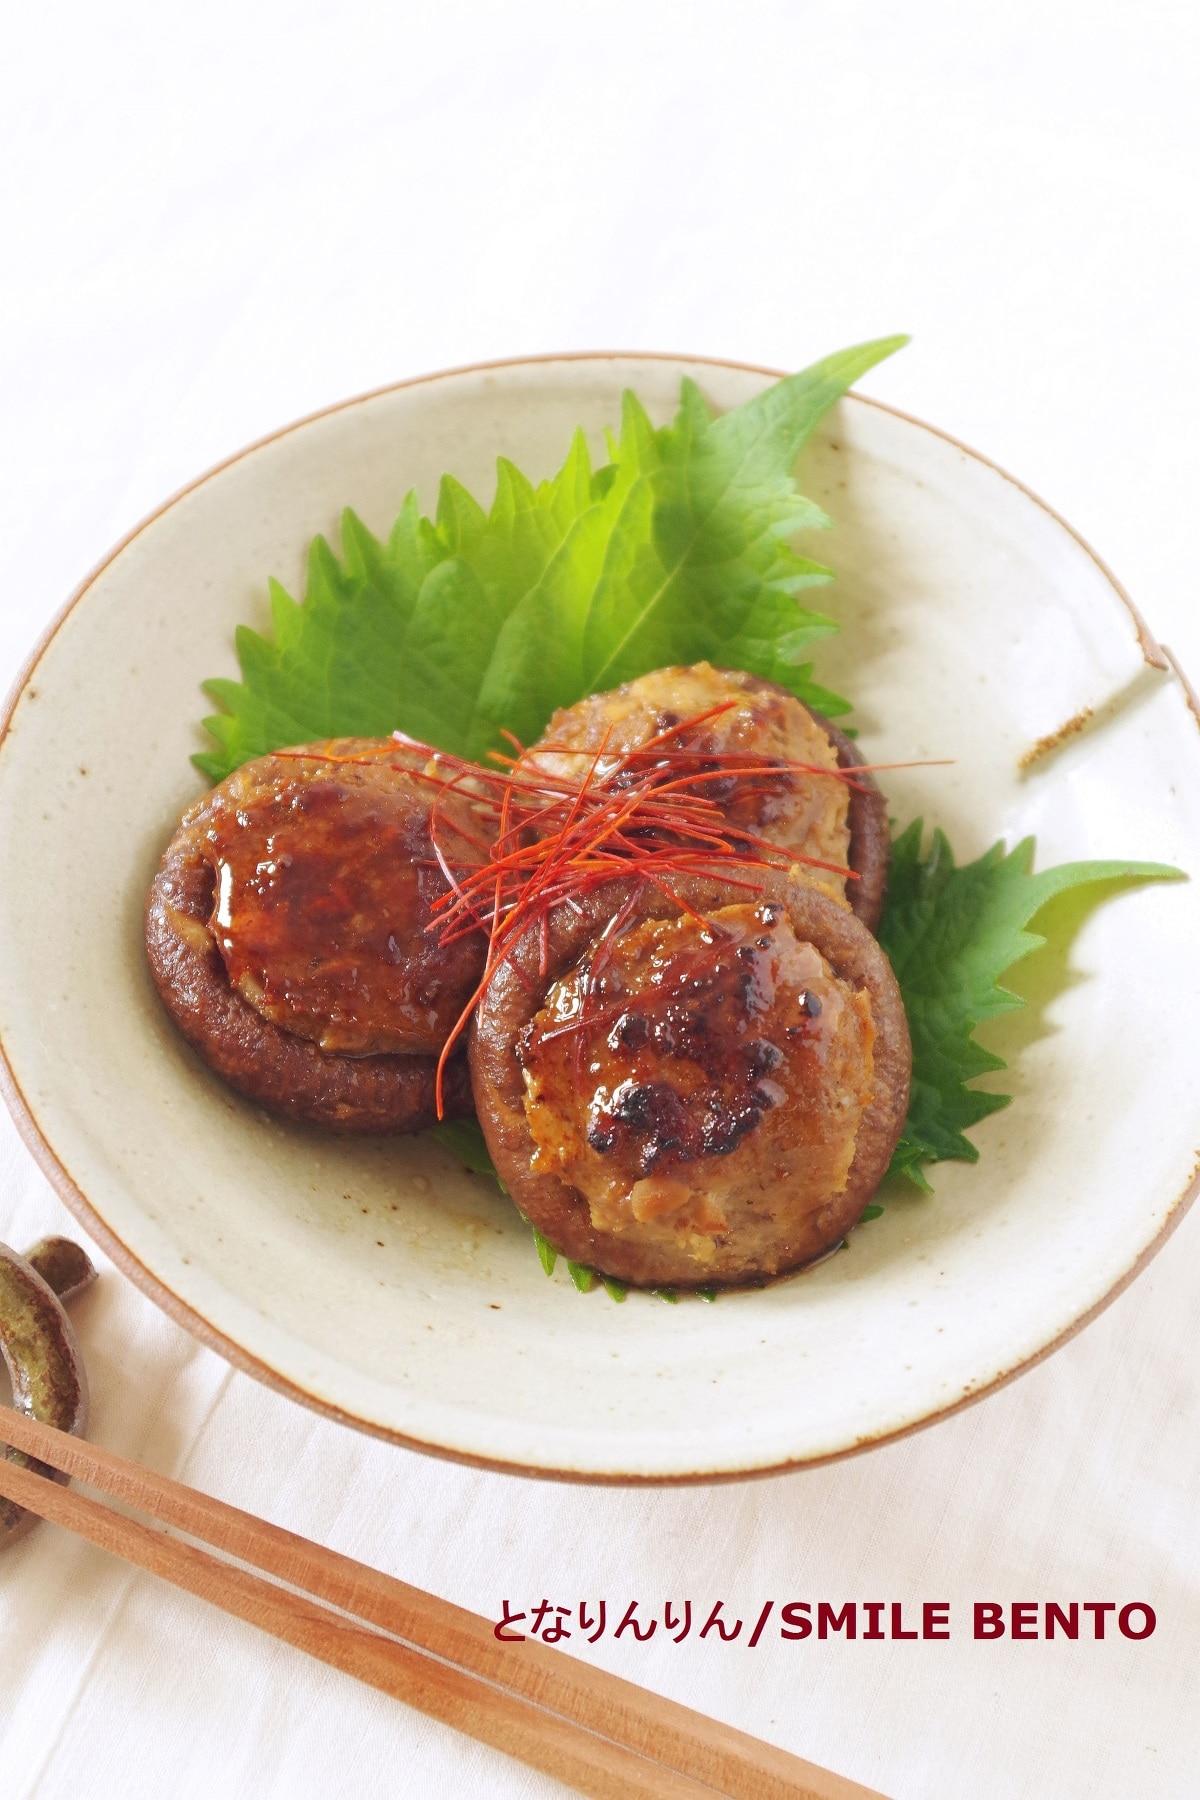 4. 旨味たっぷり椎茸の肉詰め